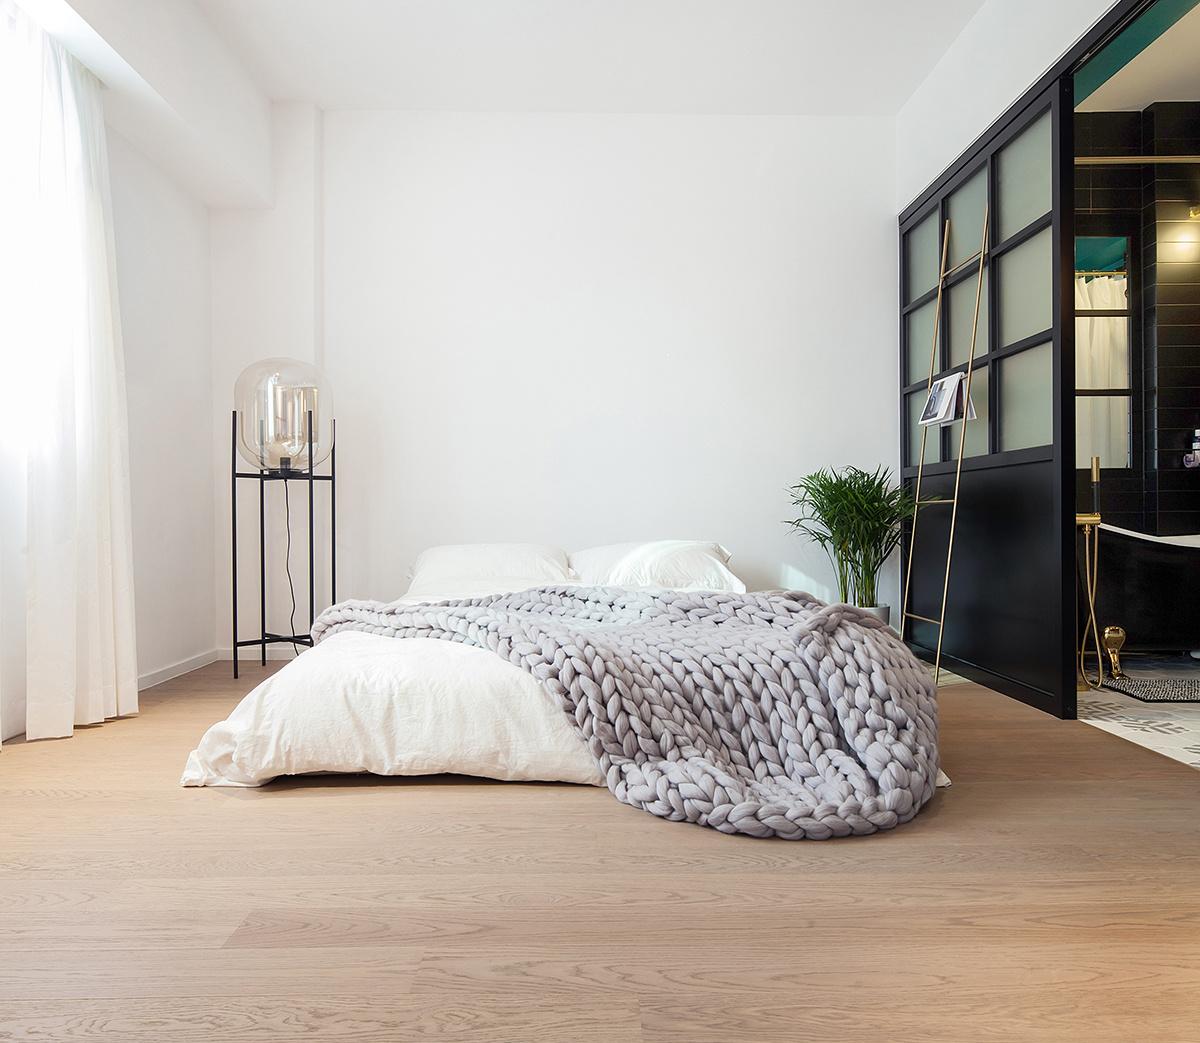 Moderne klassieke slaapkamer met inloopkast en badkamer | HOMEASE